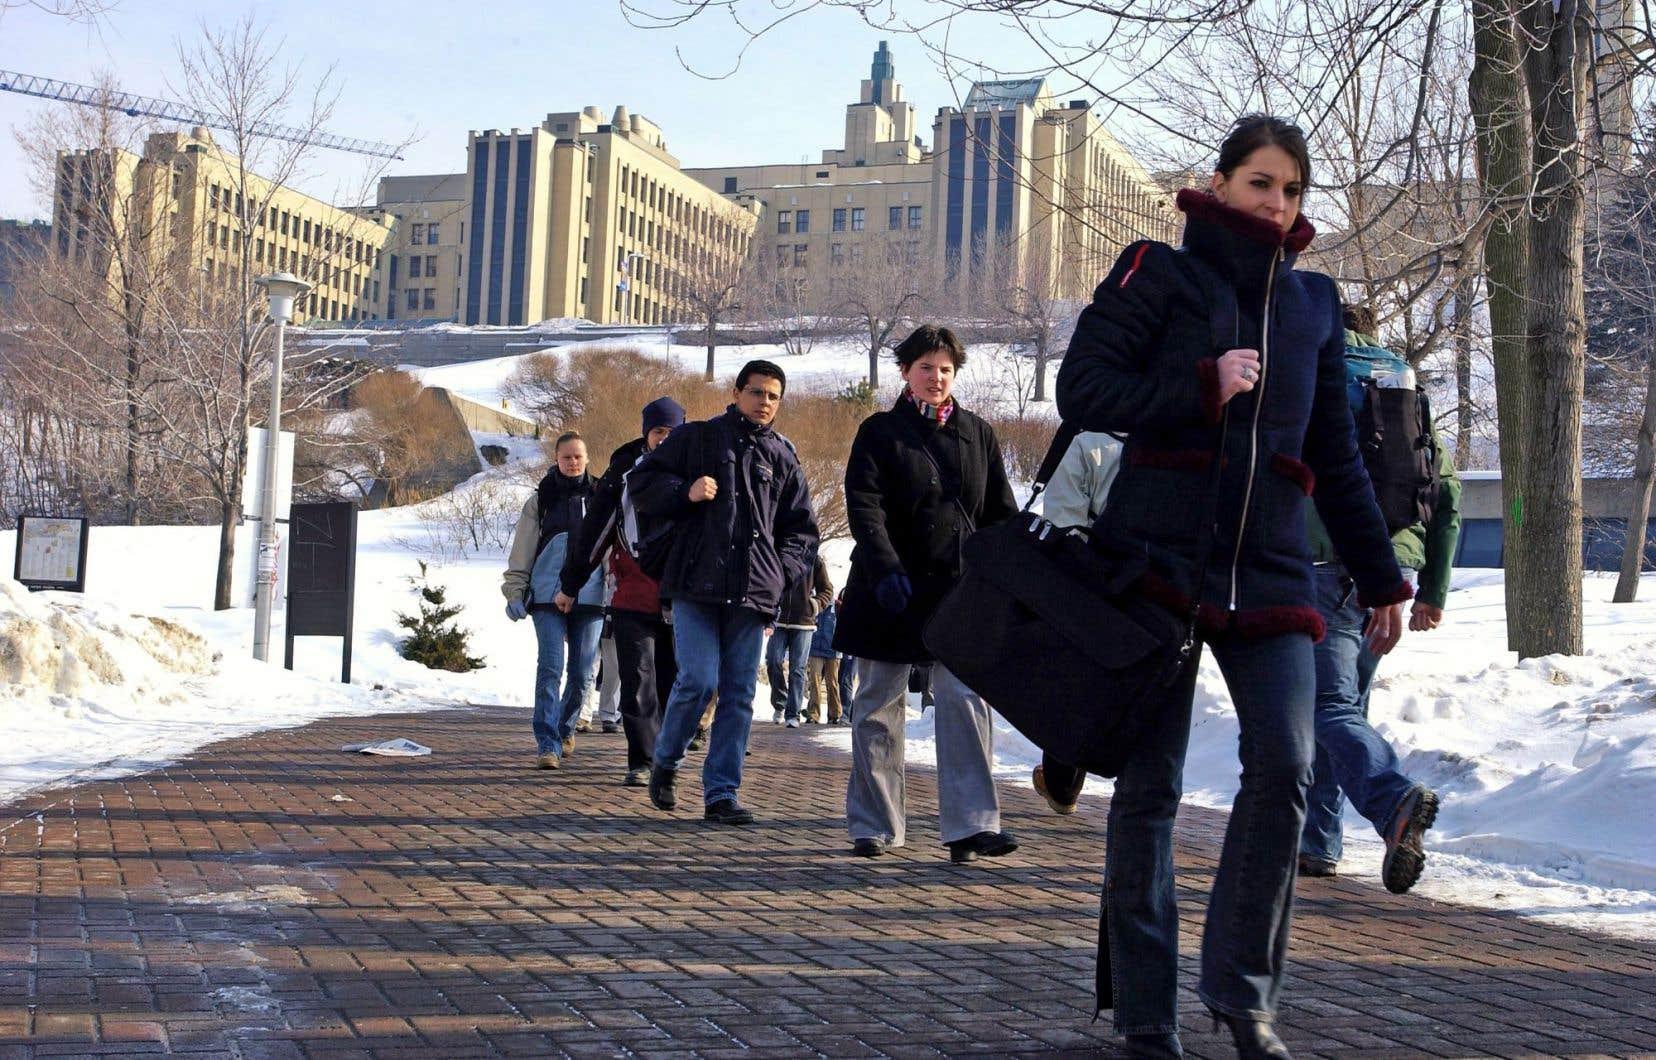 Des professeurs craignent que l'Université se mette au service des entreprises, au détriment de la liberté intellectuelle des professeurs et des étudiants.